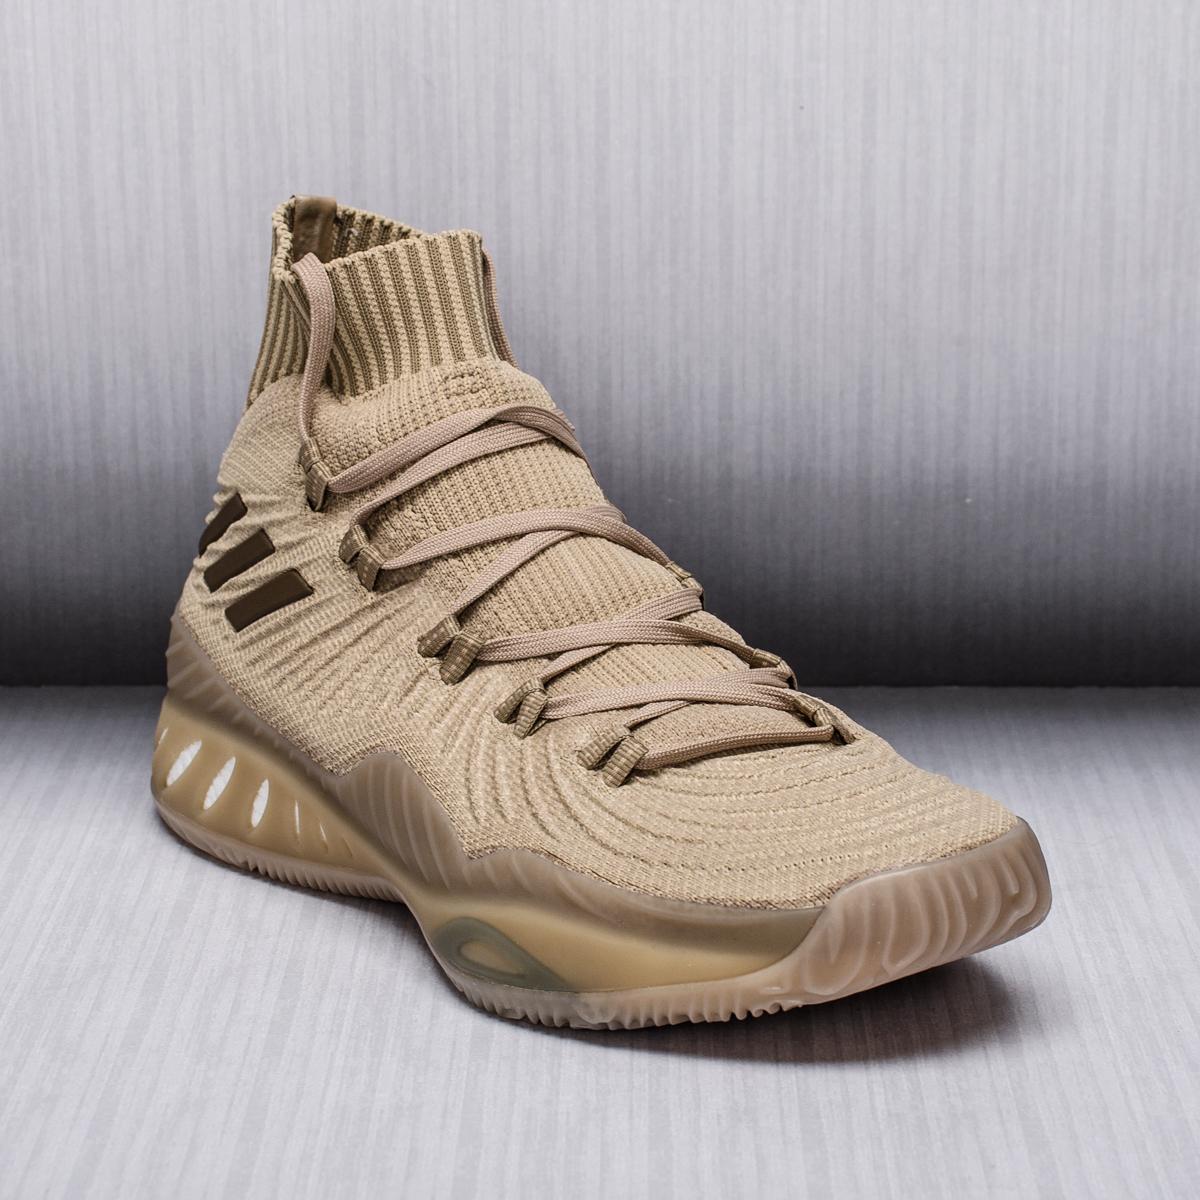 adidas Crazy Explosive 2017 Primeknit Trace Khaki - BASKETBALL SHOES Adidas  Basketball Shoes - Superfanas.lt 93336b81d